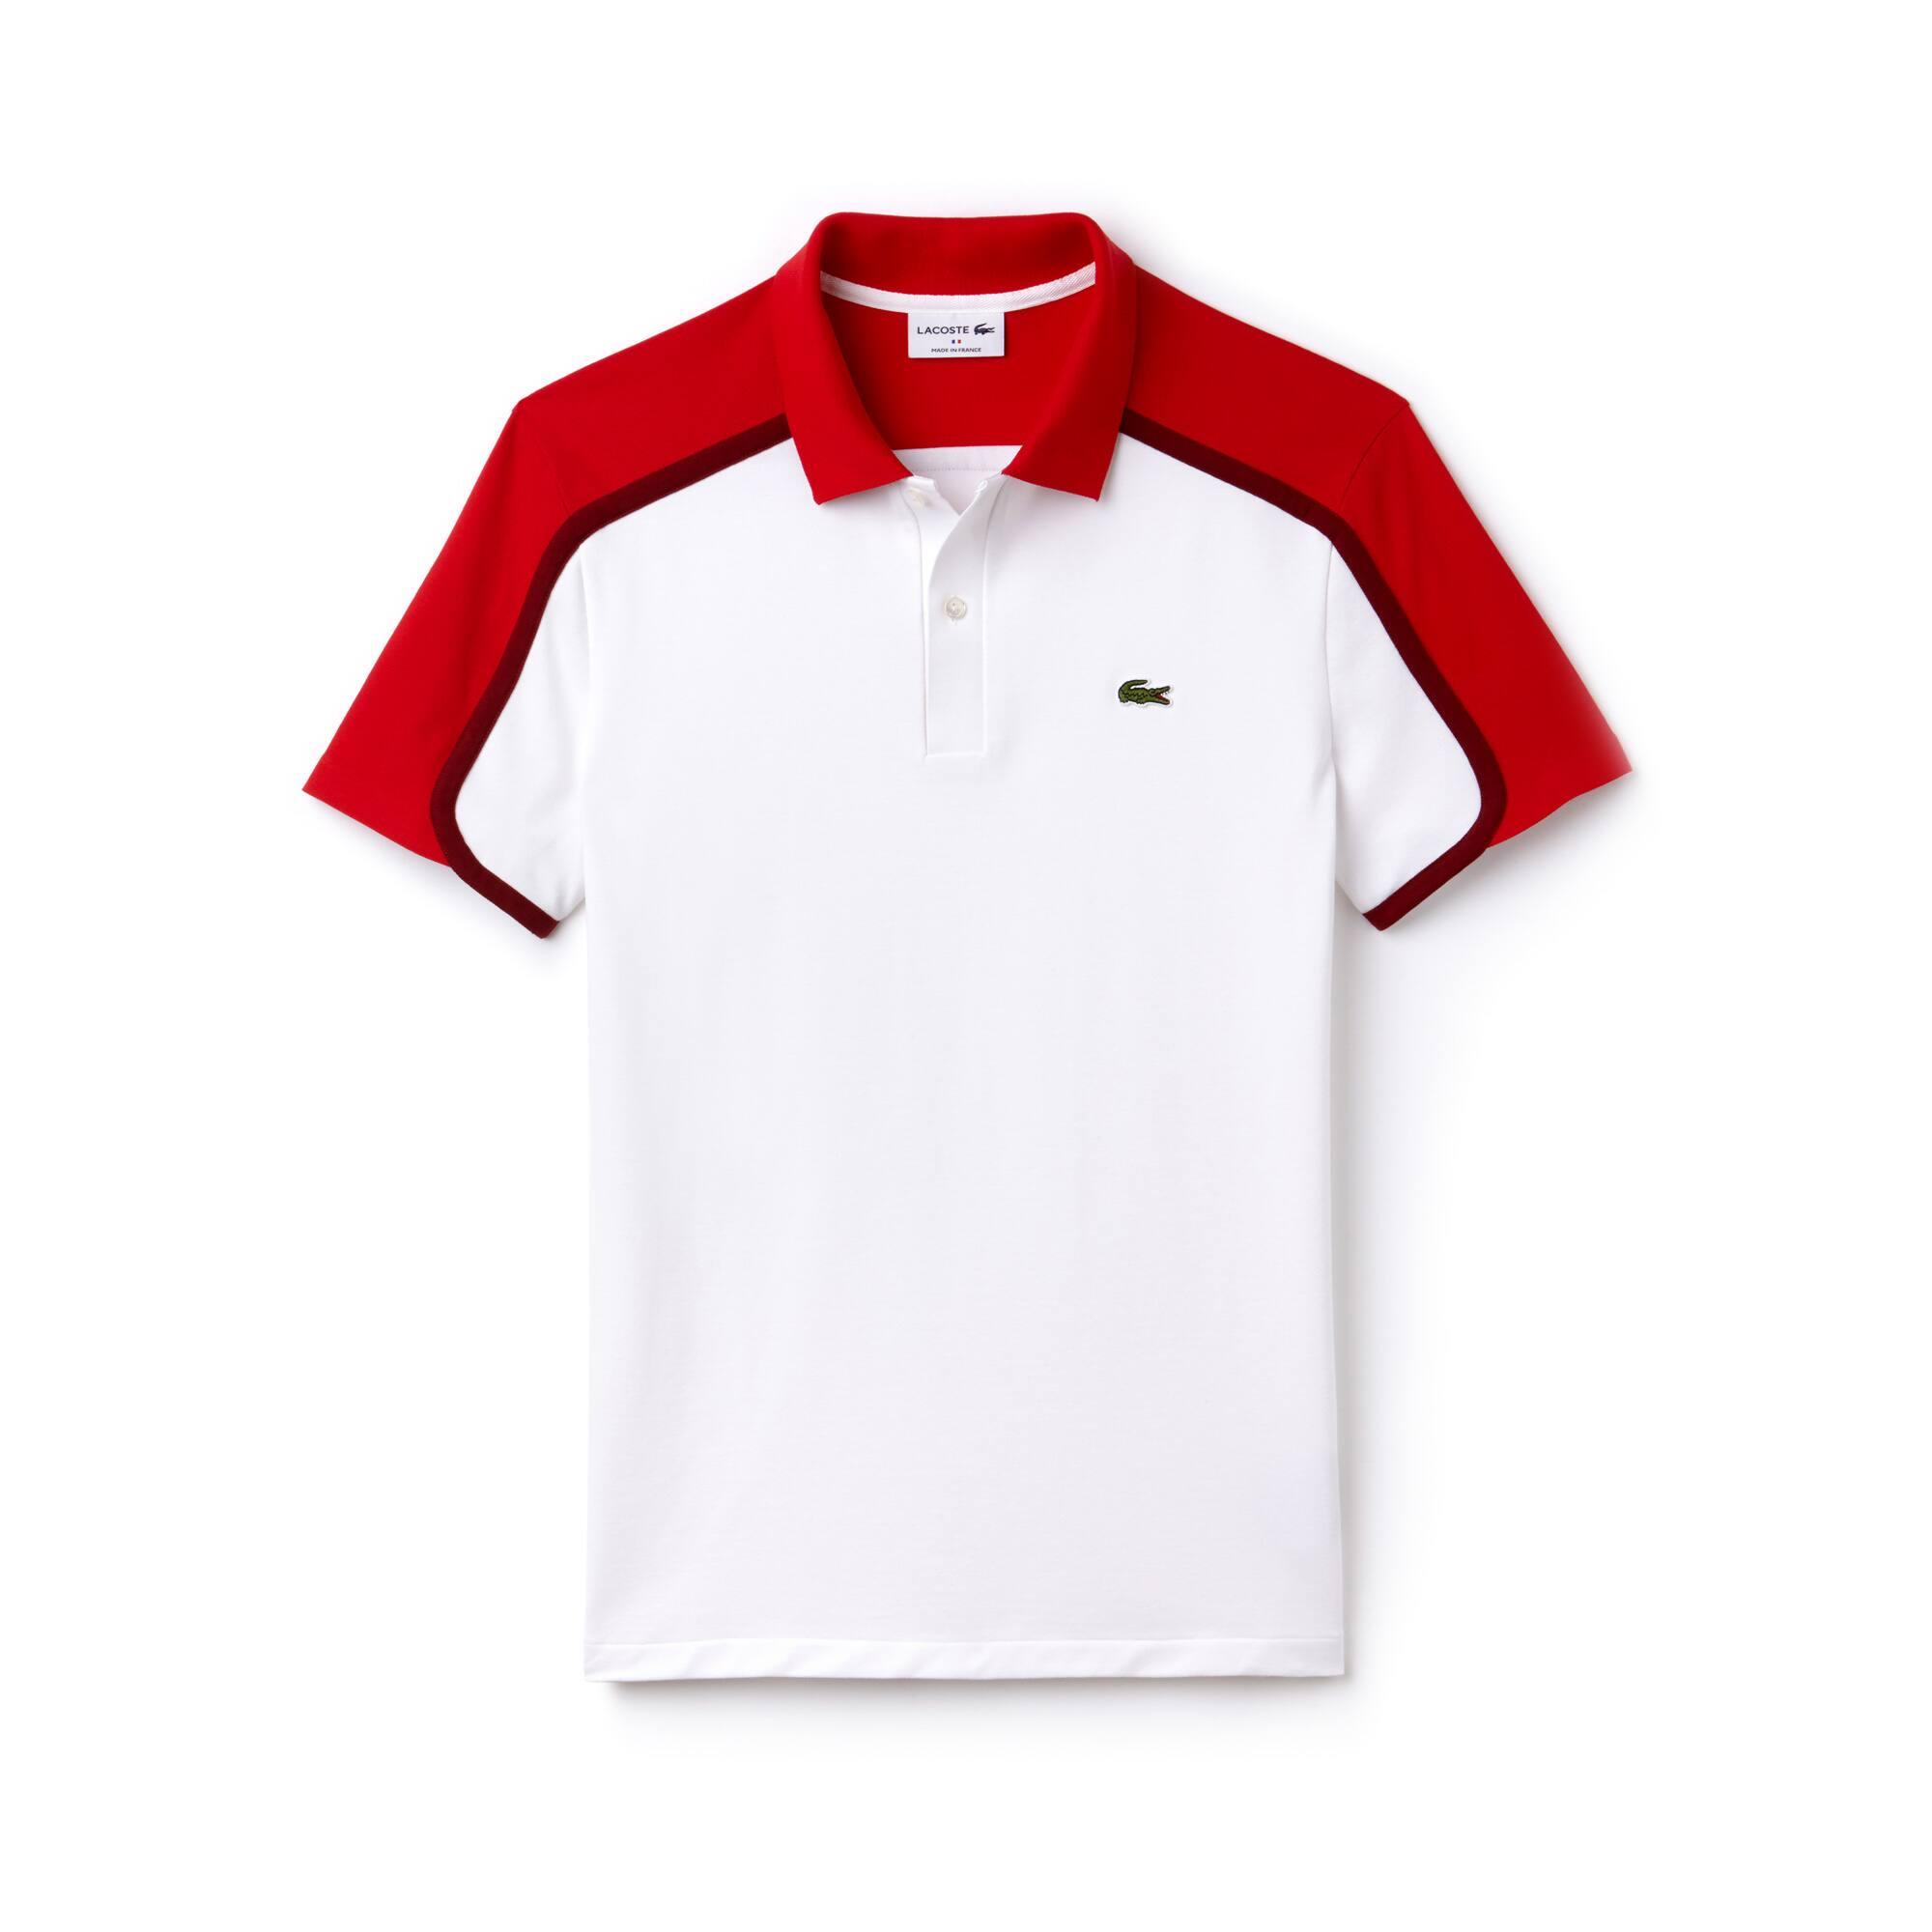 قميص بولو رجالي من مجموعة صُنع في فرنسا بمقاس ضيق وألوان متصادمة في خامة بيكيه